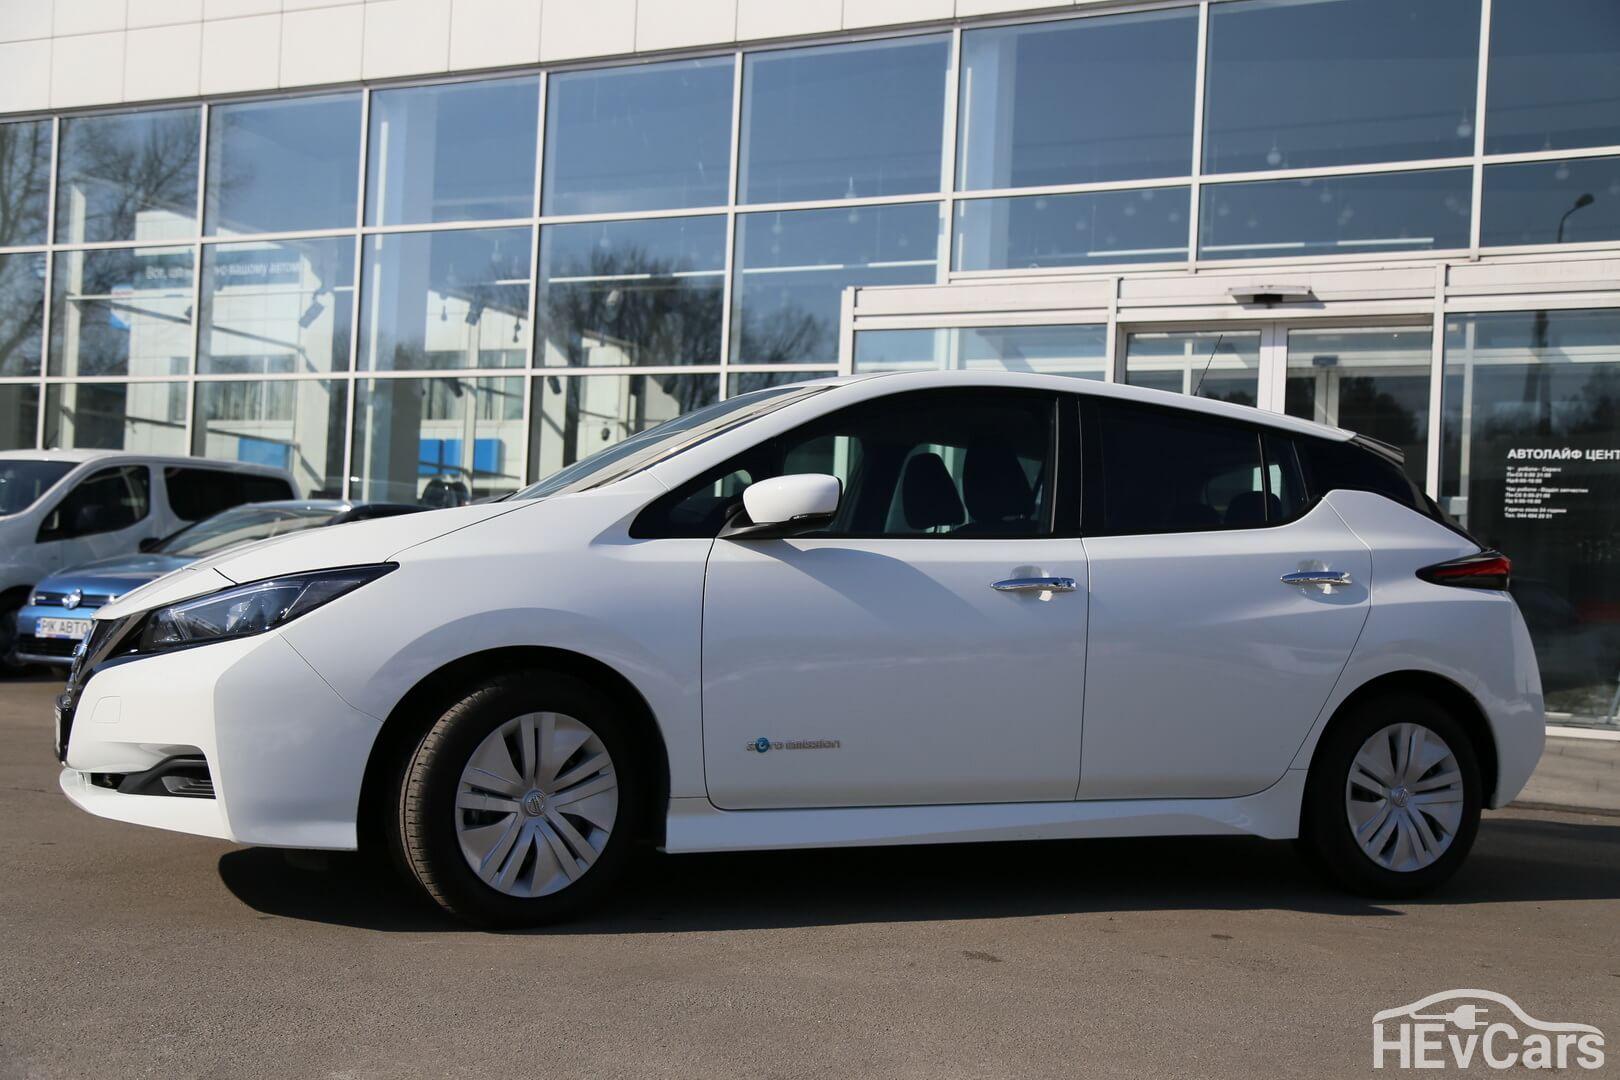 Дизайн Nissan Leaf второго поколения кардинально изменился